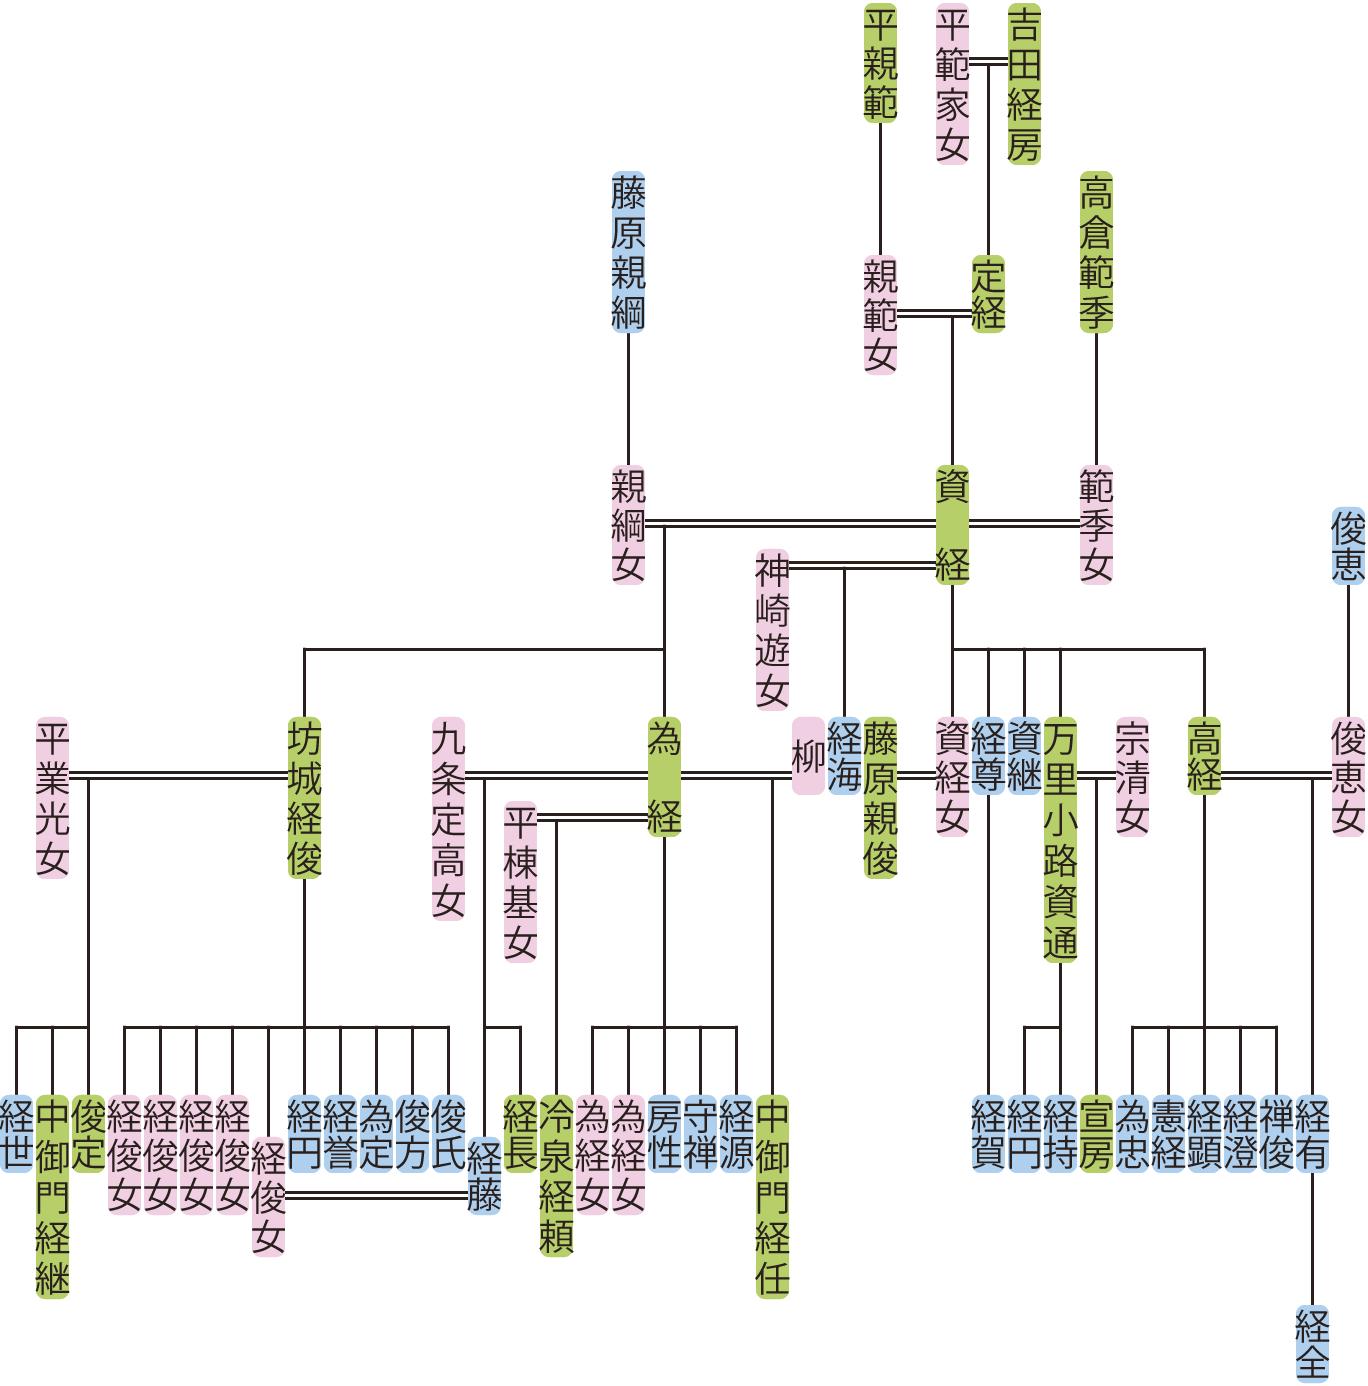 吉田資経の系図